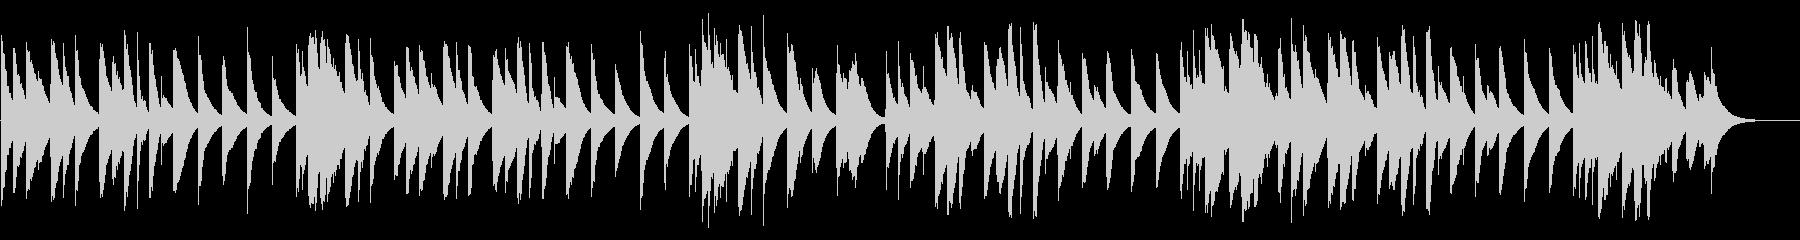 カエルの合唱 カード式オルゴールの未再生の波形